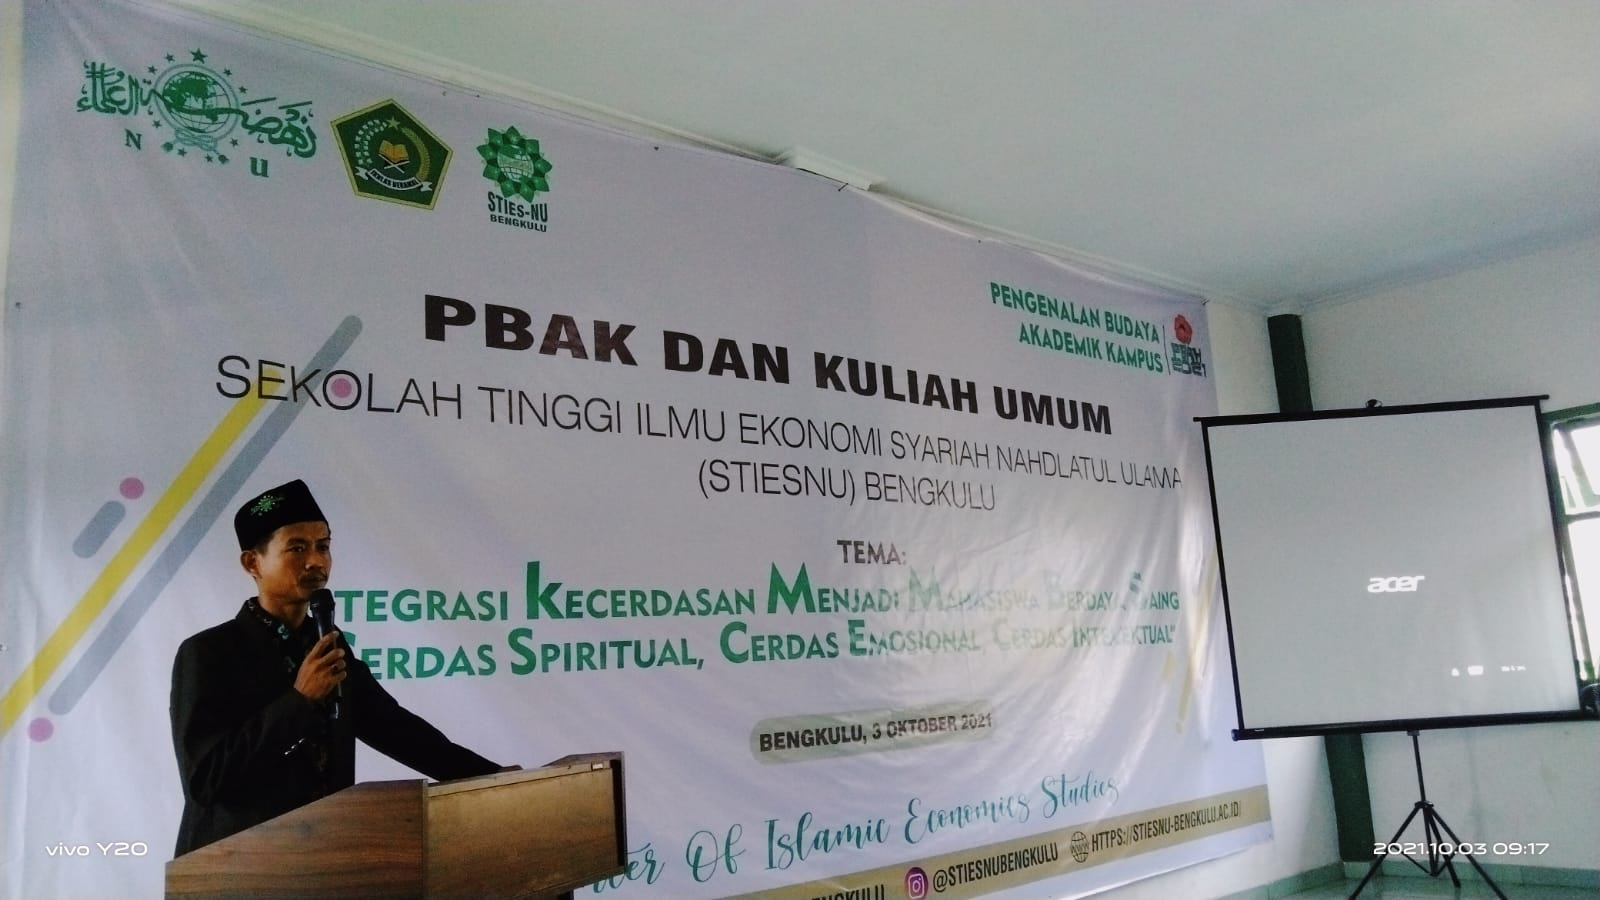 Photo of STIESNU Bengkulu Laksanakan PBAK Dan Kuliah Umum